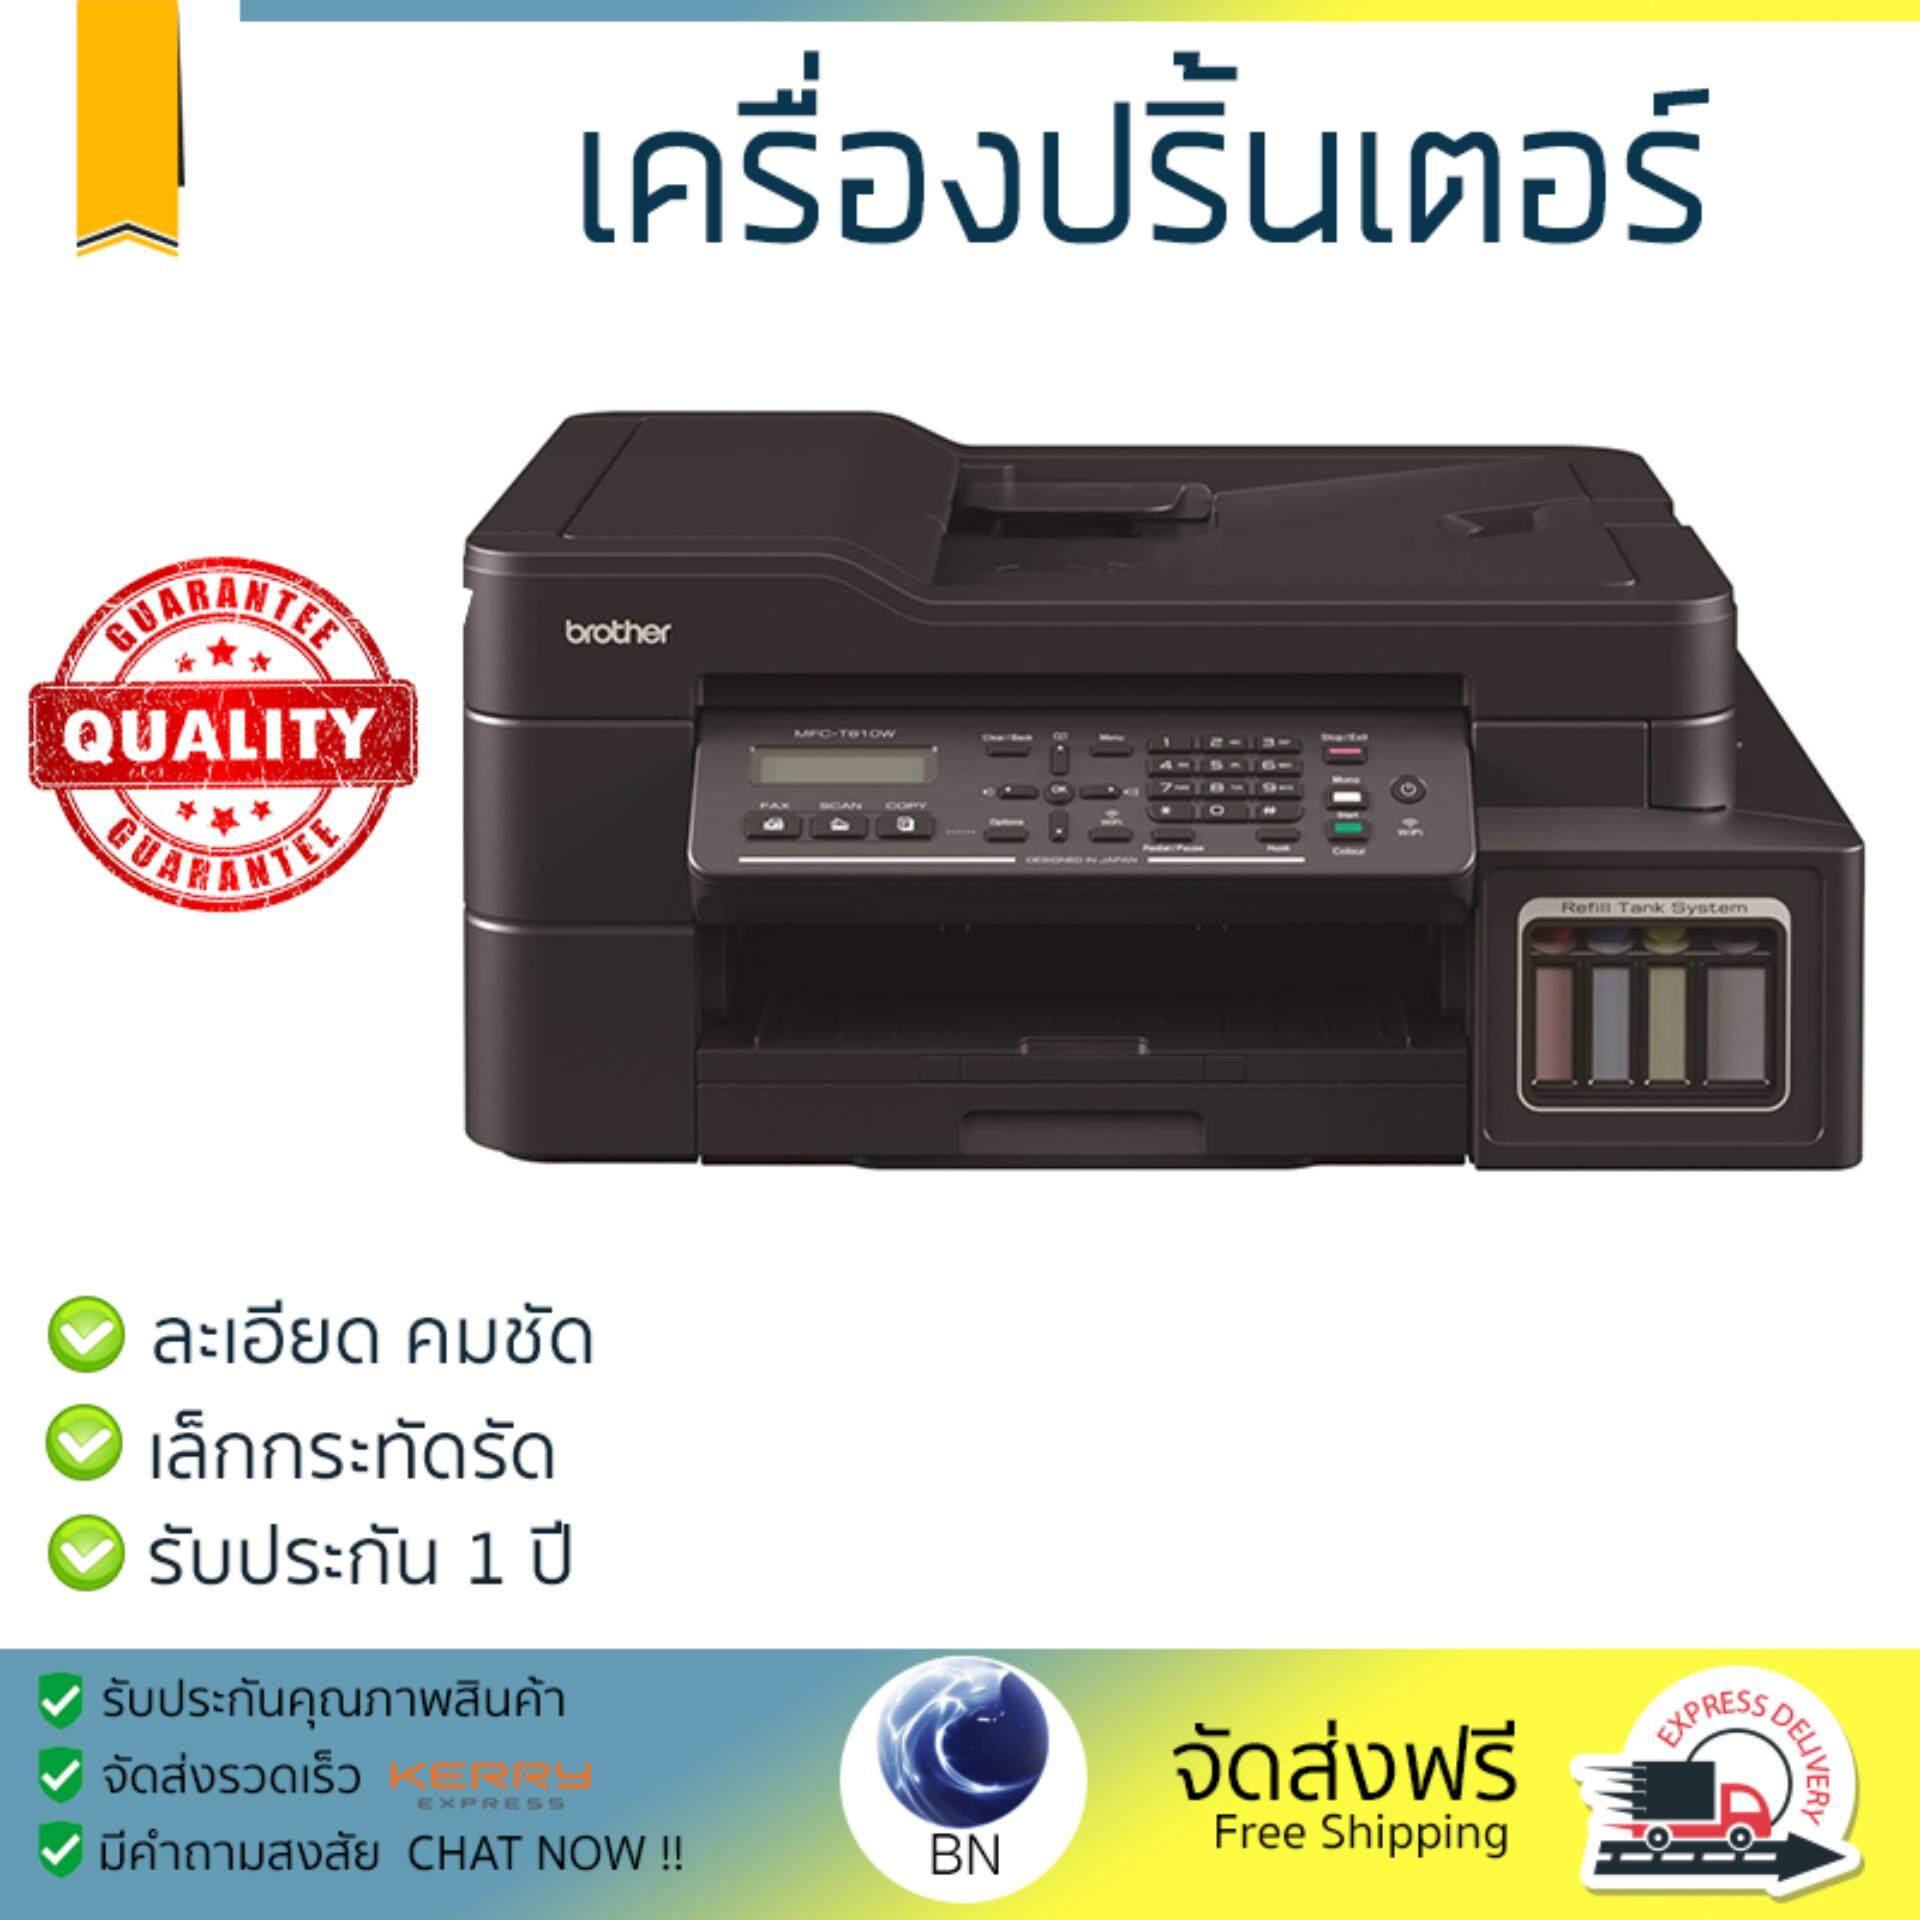 ขายดีมาก! โปรโมชัน เครื่องพิมพ์           BROTHER เครื่องพิมพ์อิงค์เจ็ท 4 IN1  (สีดำ) รุ่น MFC-T810W             ความละเอียดสูง คมชัด ประหยัดหมึก เครื่องปริ้น เครื่องปริ้นท์ All in one Printer รับประก